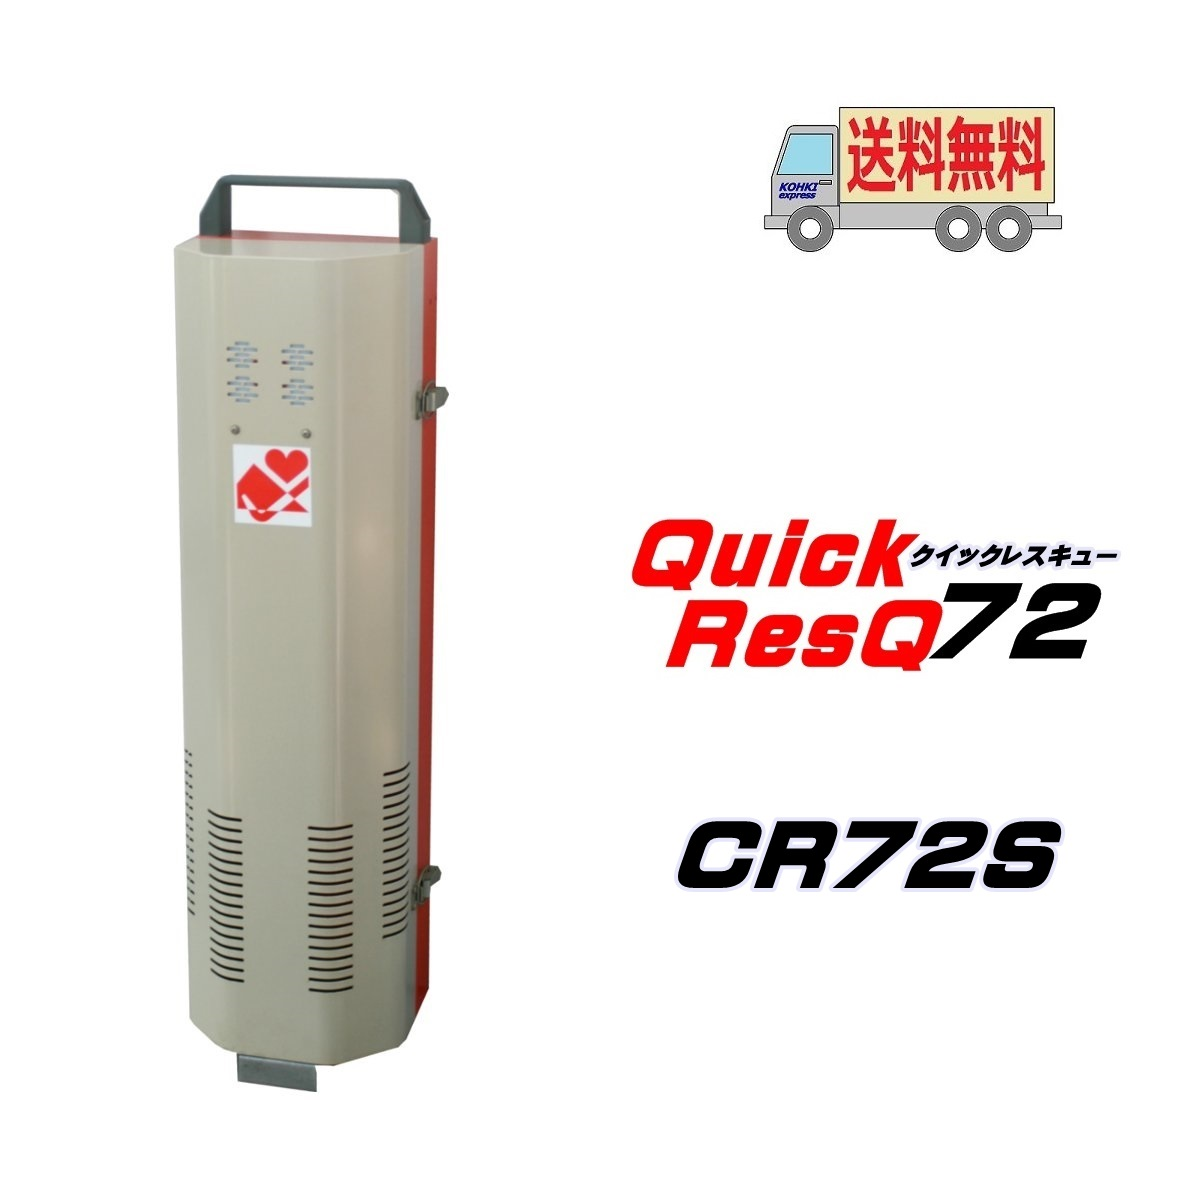 送料無料 防災用品 QuickResQ72 CR72S 緊急時に即応 防災工具セット